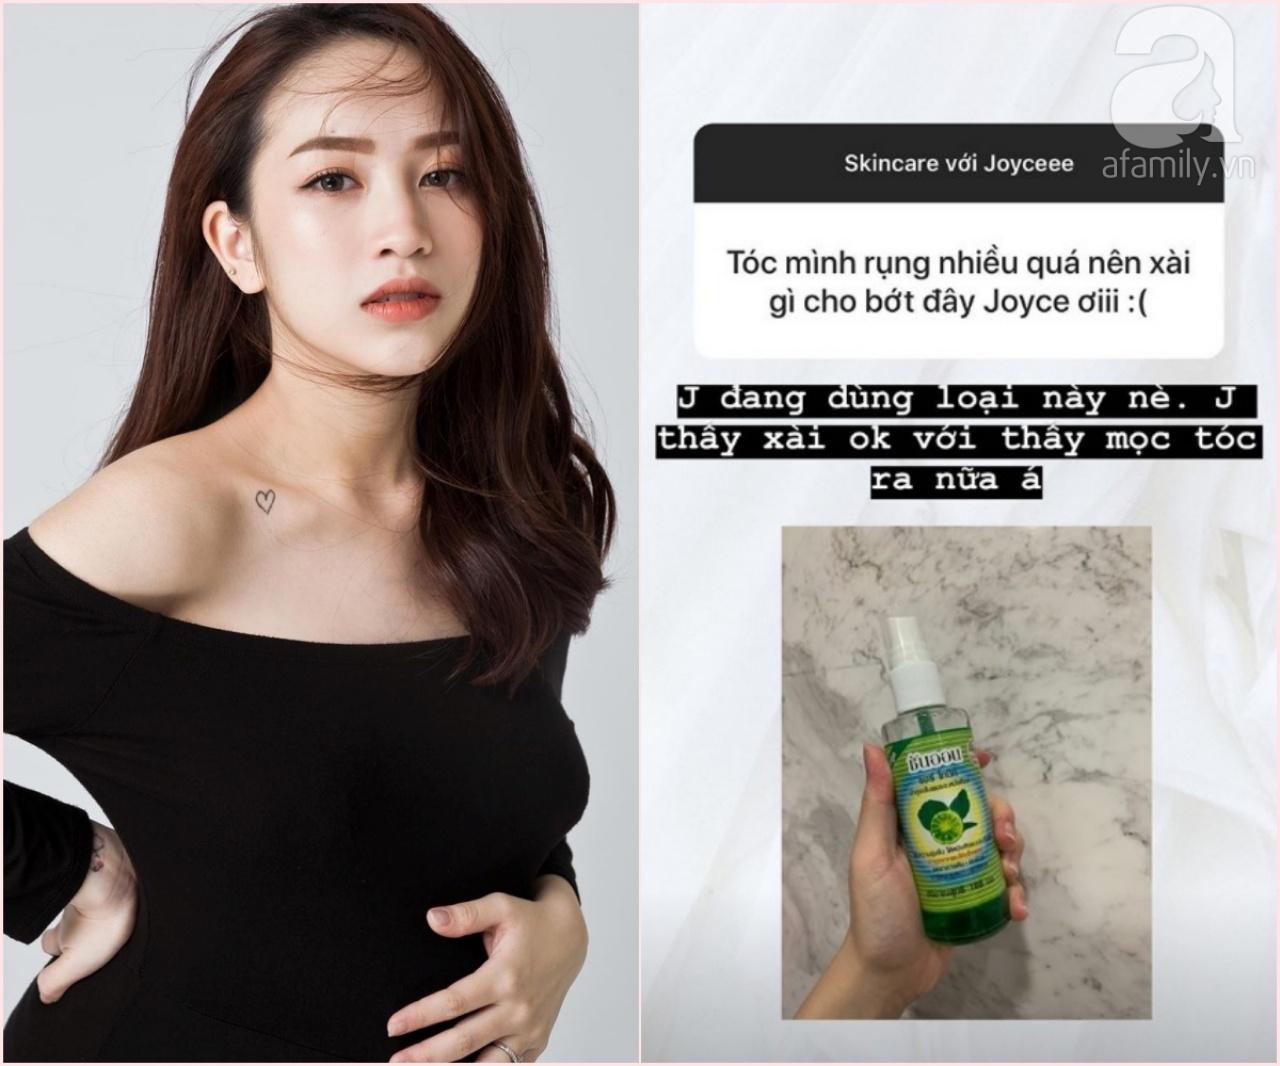 Con gái Minh Nhựa dùng serum dưỡng tóc chưa đến 100.000 VNĐ để tóc bồng bềnh, còn mọc dài đáng kể - Ảnh 1.